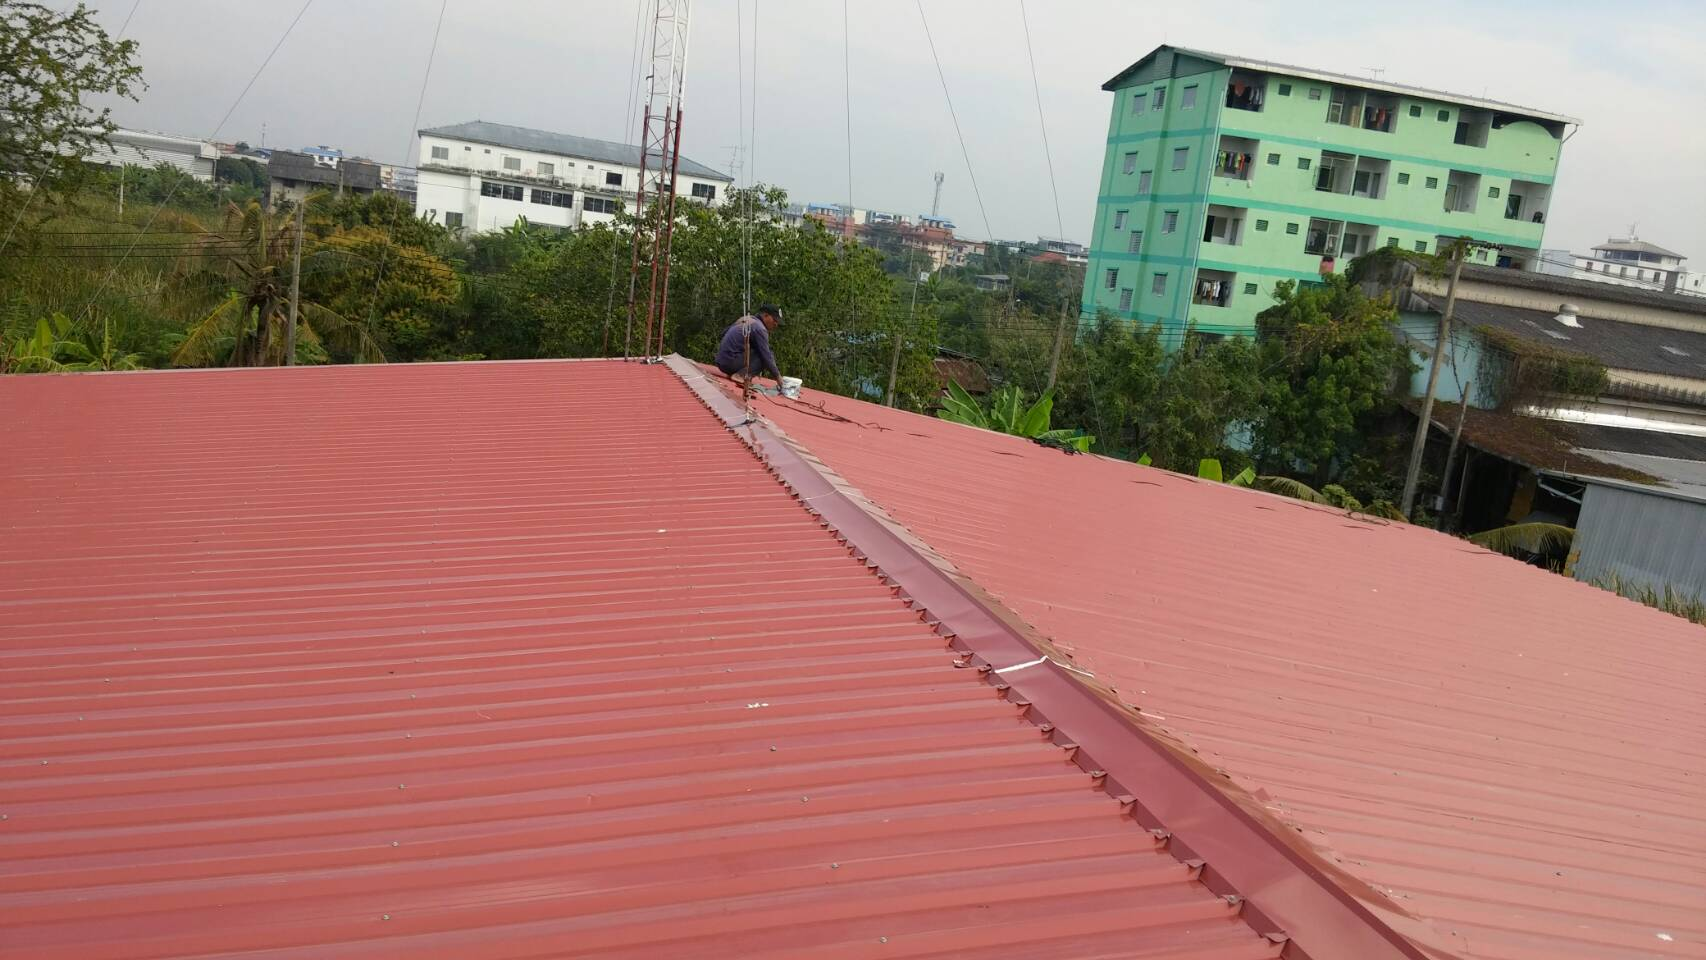 180126_03방프리방주교회 지붕개량공사  (1).jpg